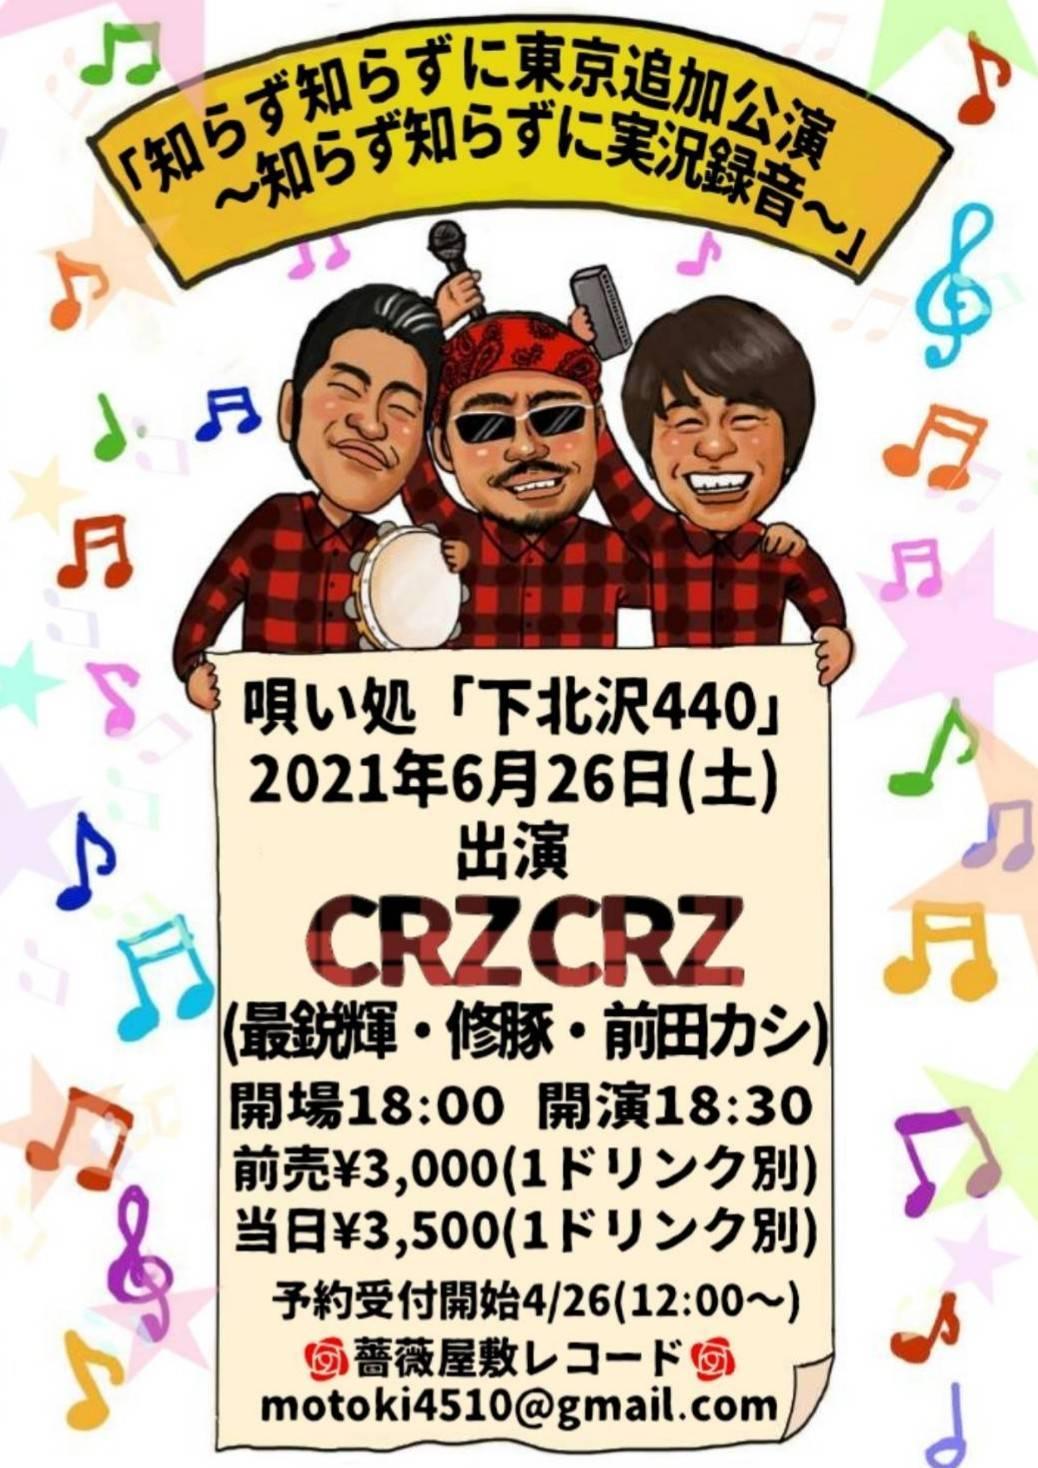 【来場】「知らず知らずに東京追加公演~知らず知らずに実況録音」出演:CRZCRZ(修豚・前田カシ・最鋭輝)